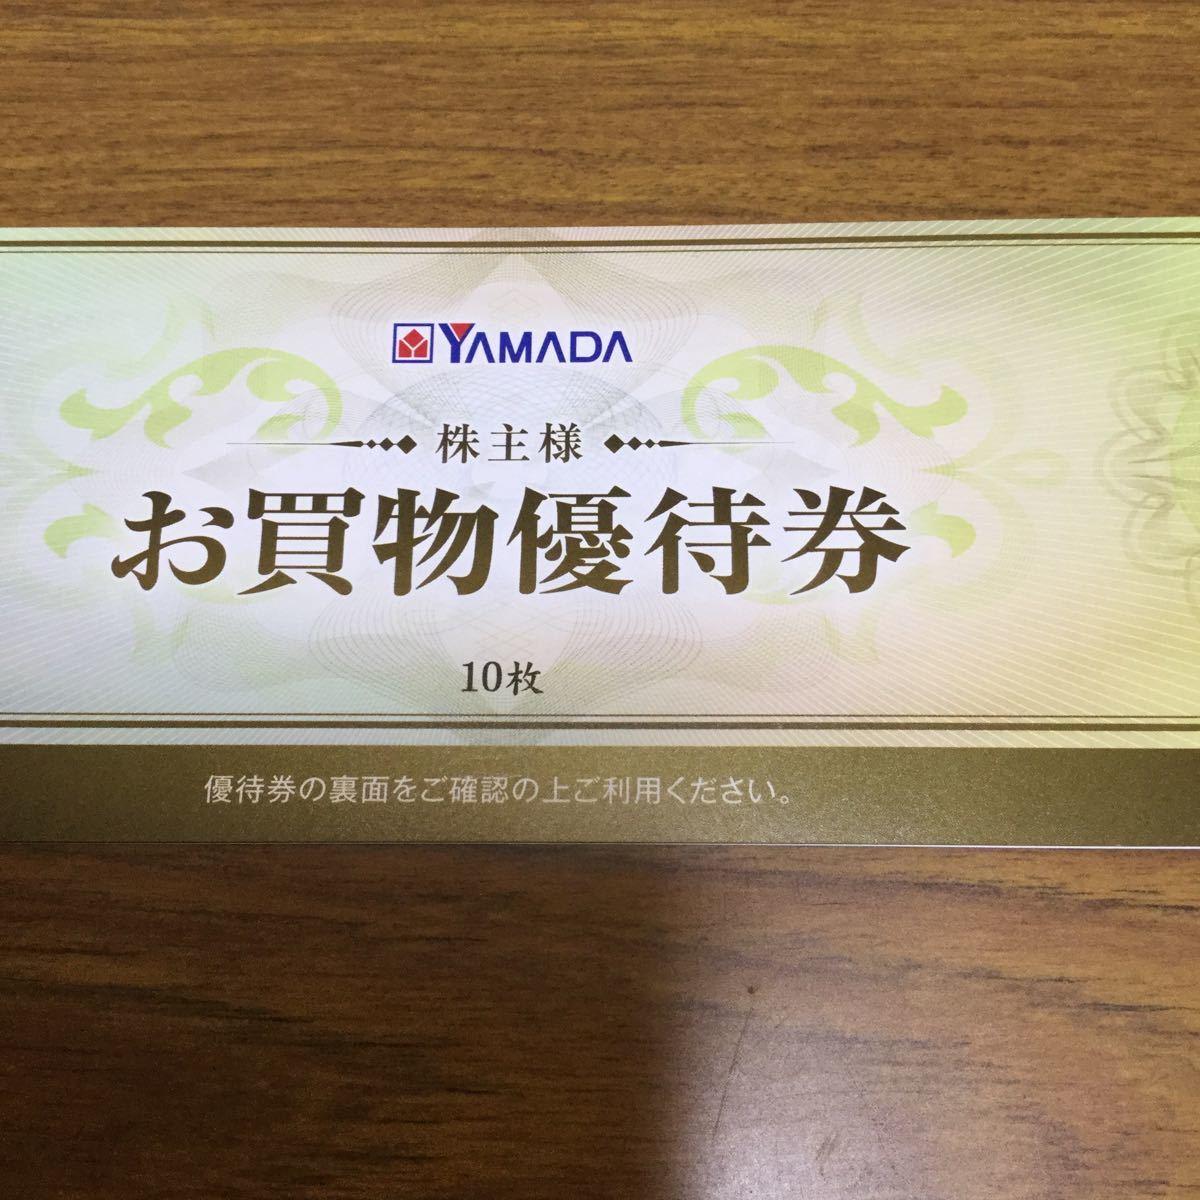 【最新】ヤマダ電機 YAMADA 株主優待券 5,000円分(ミニレター送料無料)